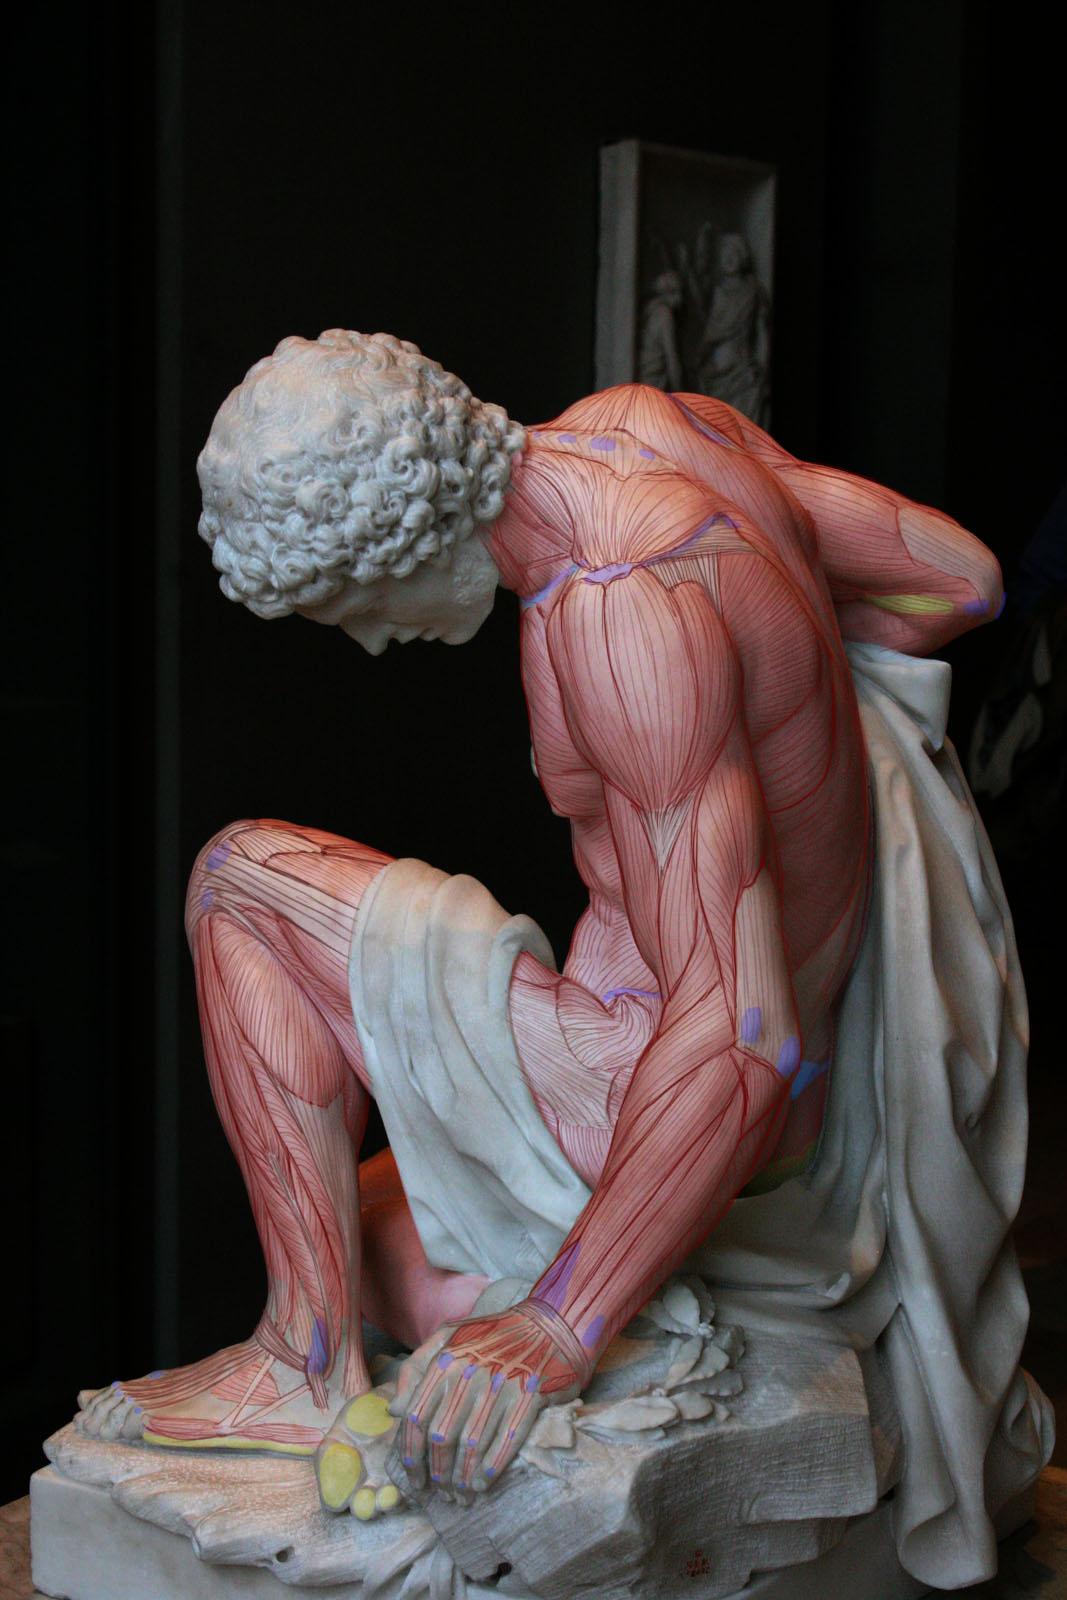 http://2.bp.blogspot.com/_hZ-pUKblTvg/TGz8tDa_NvI/AAAAAAAAAMg/qiaoK7tismw/s1600/louvre_sculpture-2.jpg